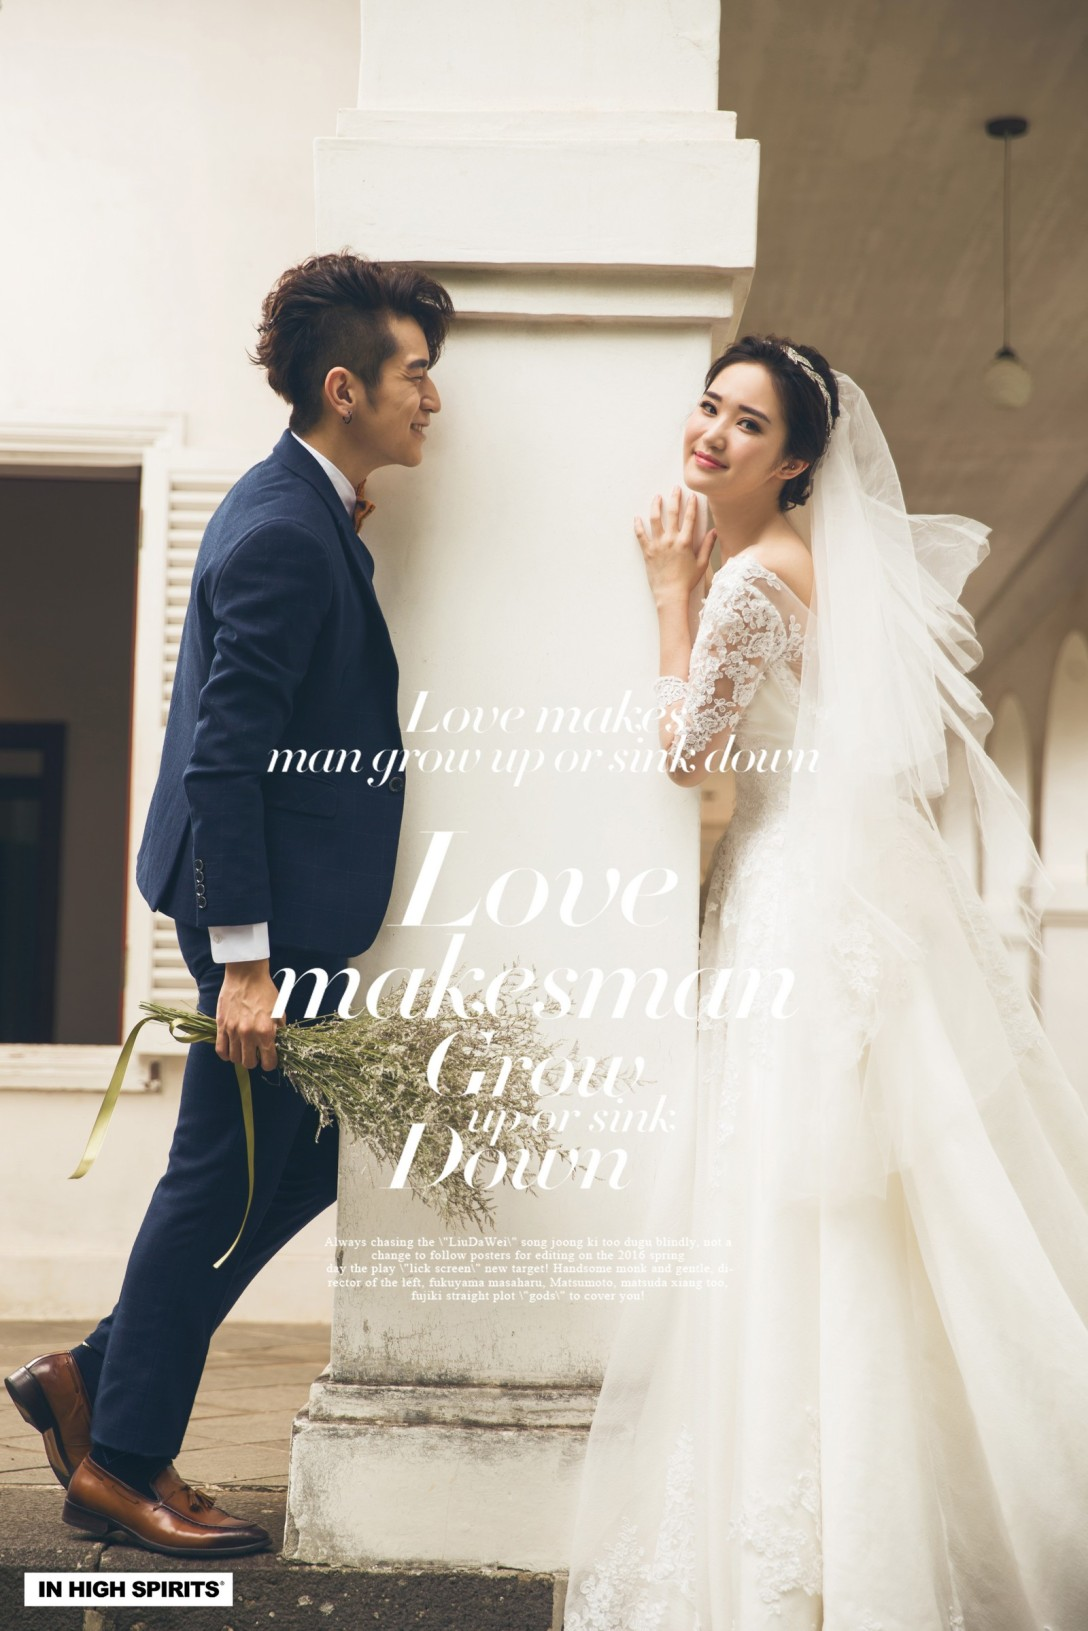 自助婚紗,自助婚紗推薦,自助婚紗風格,婚紗照,e7b693e585b8e99f93e9a2a808